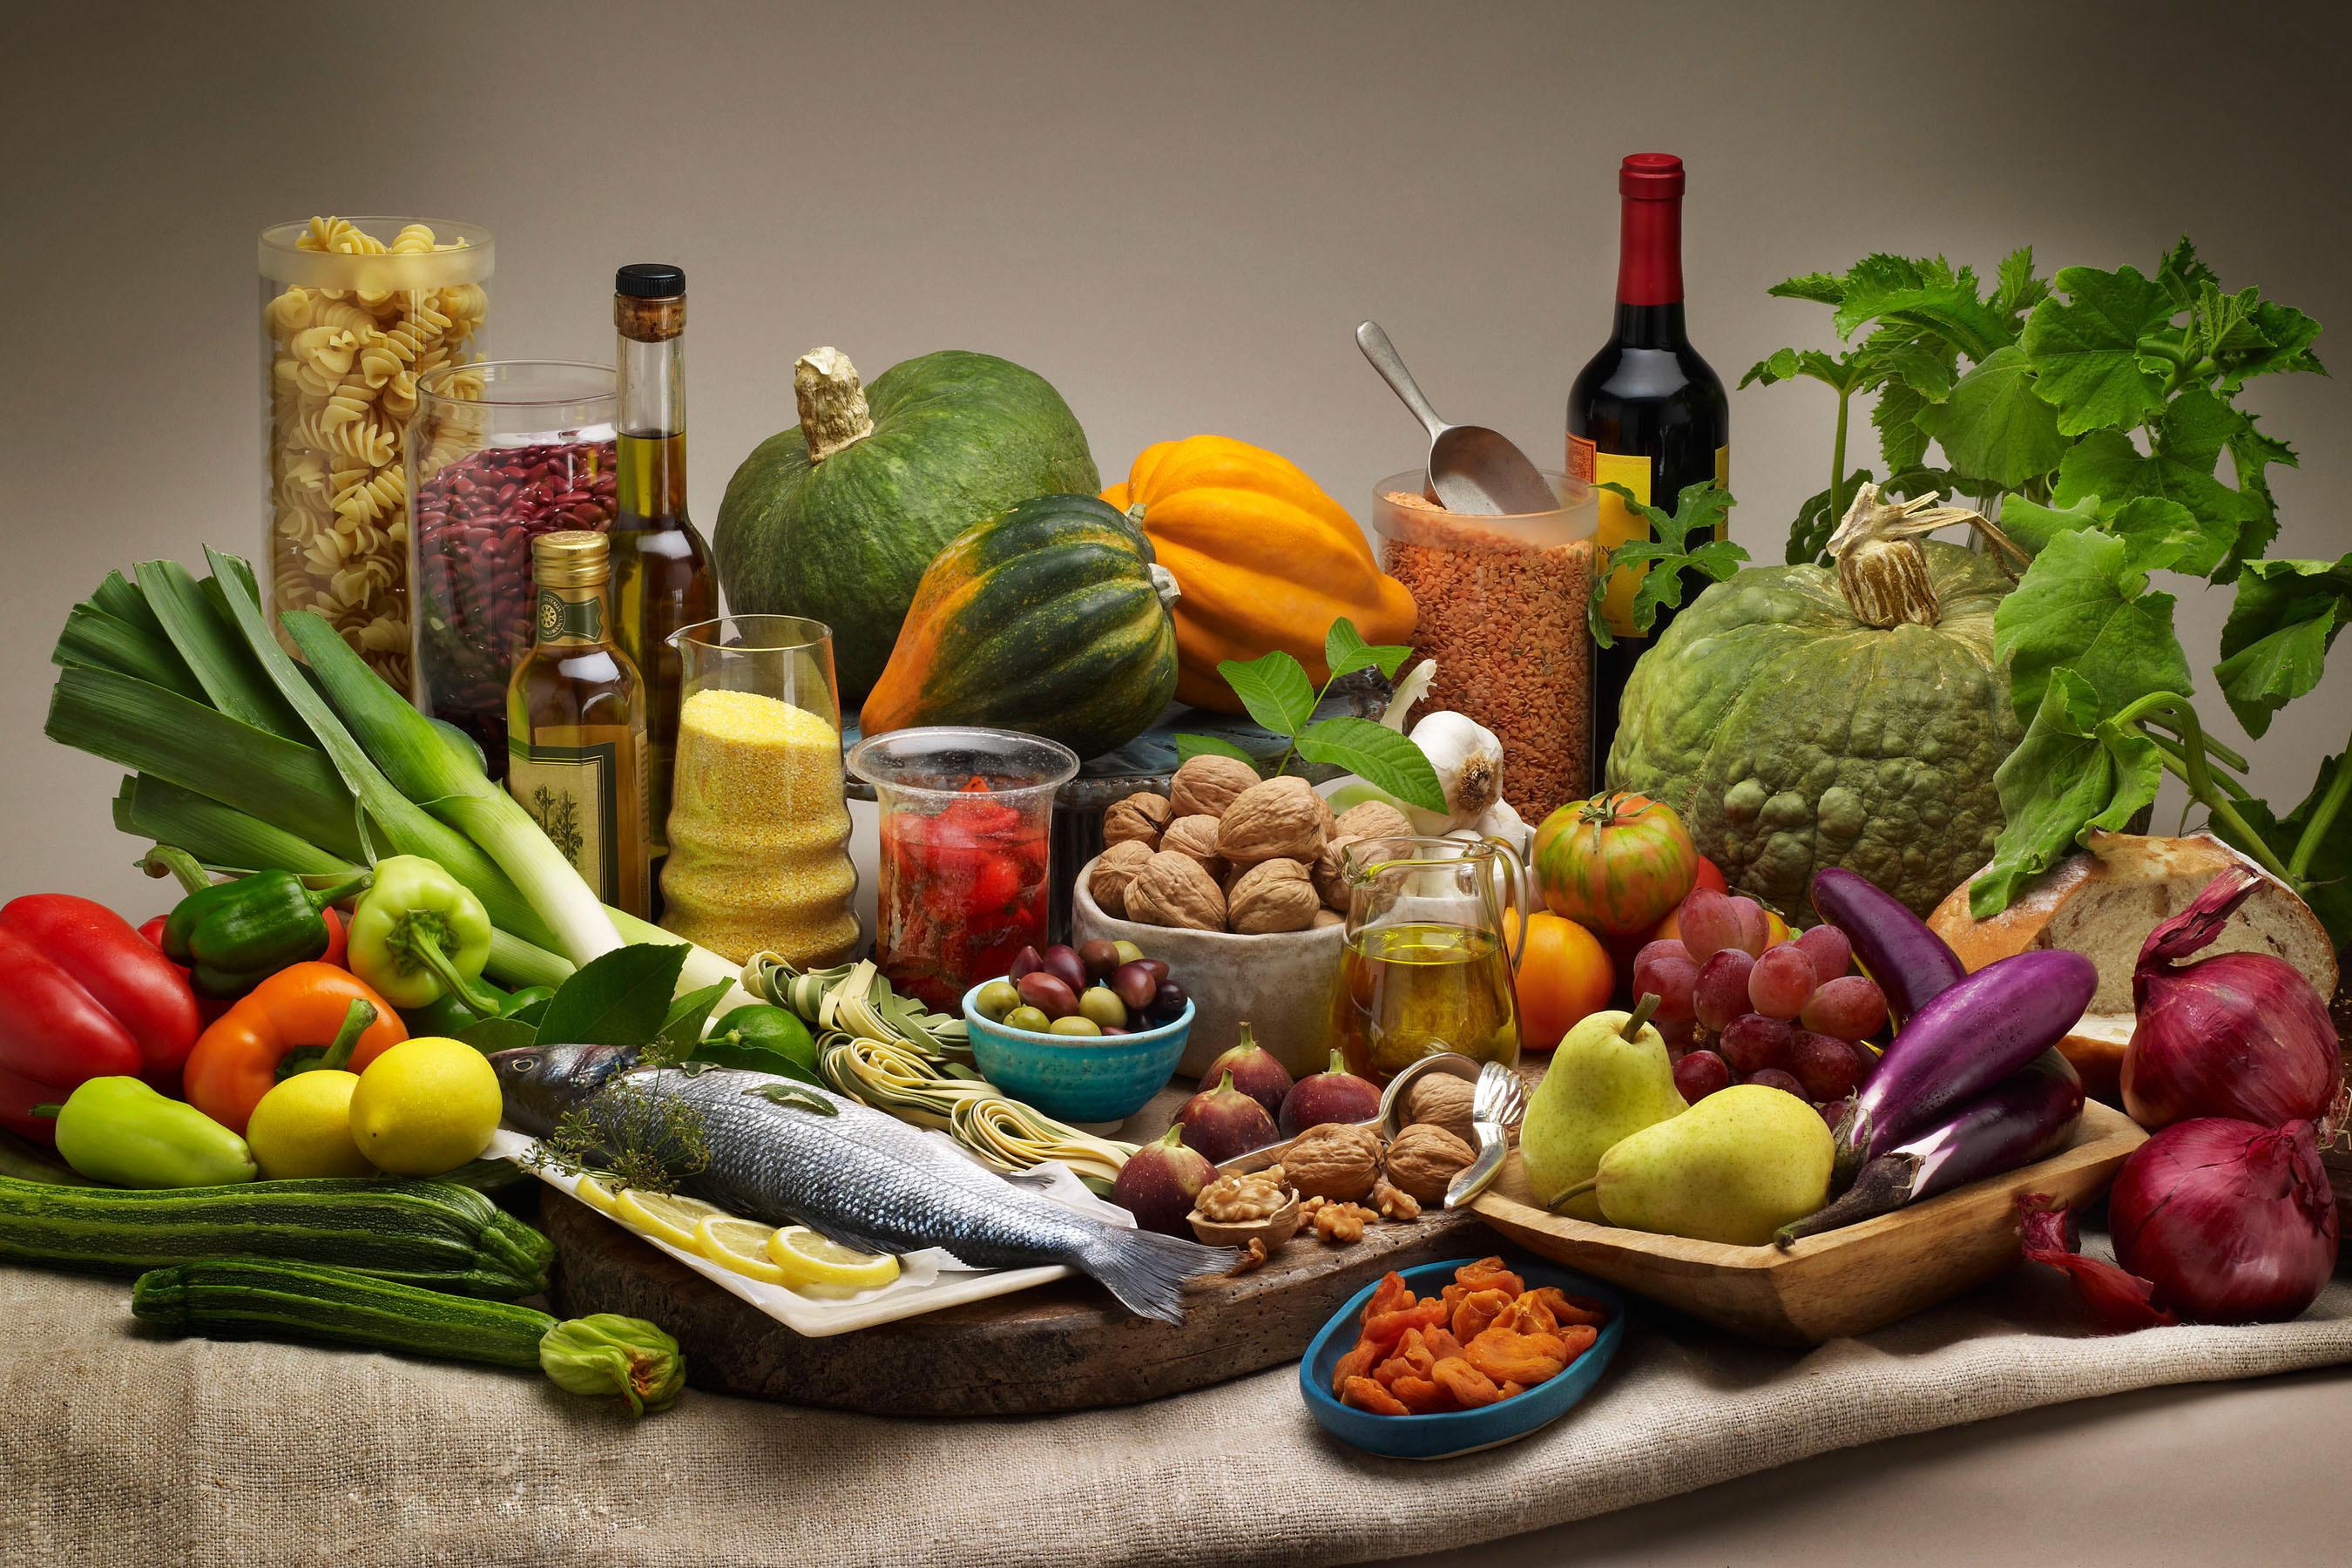 Ученые составили диету, которая поможет защитить сердце — фото 1